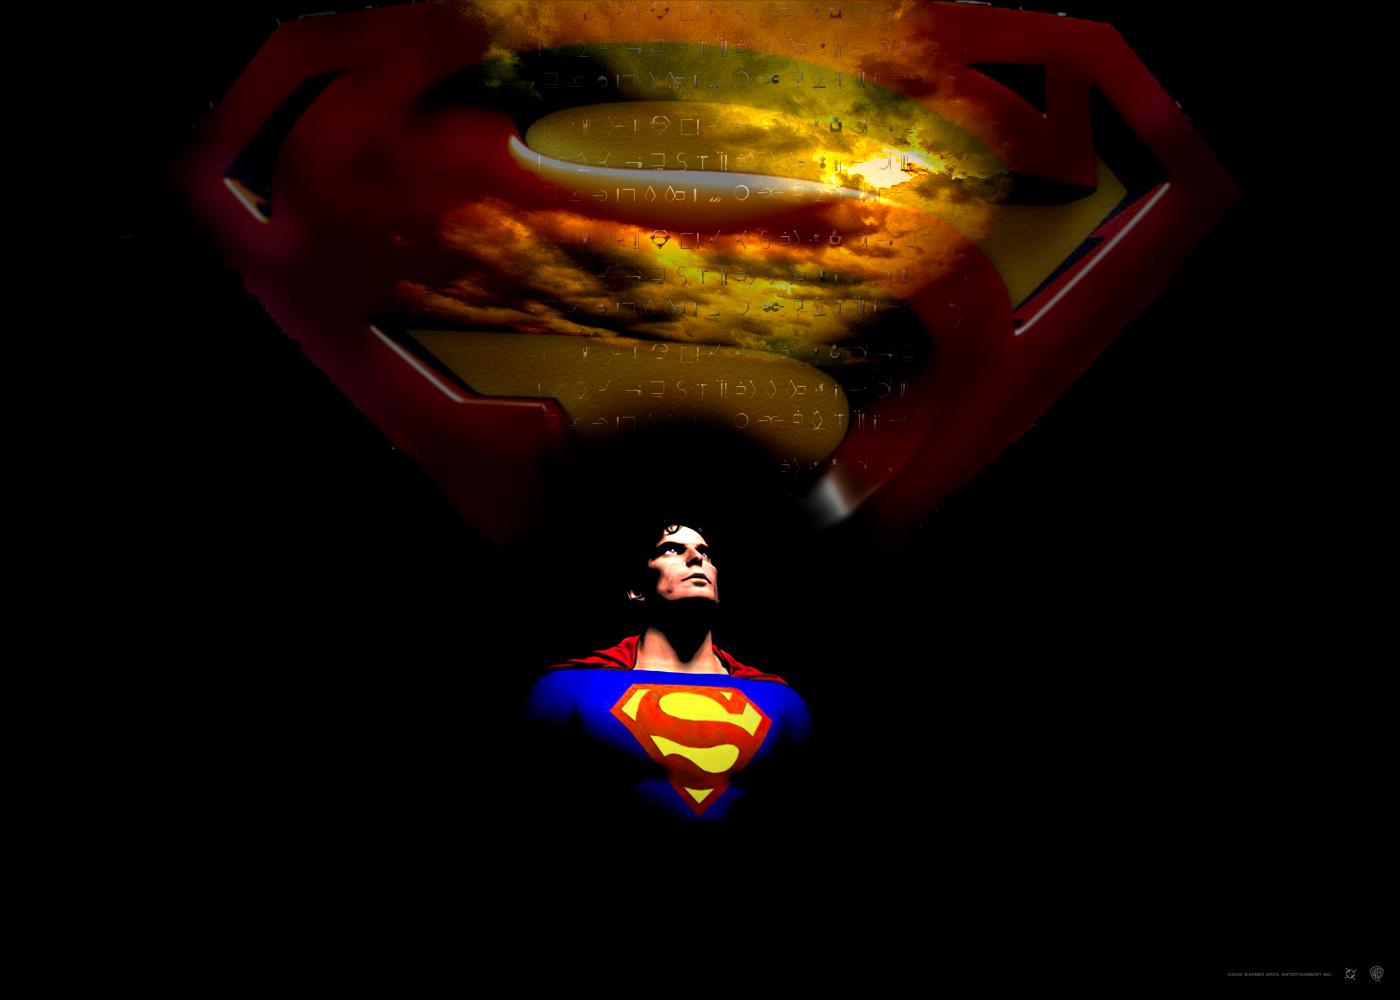 46+ Free Superhero Wallpapers for Desktop on WallpaperSafari